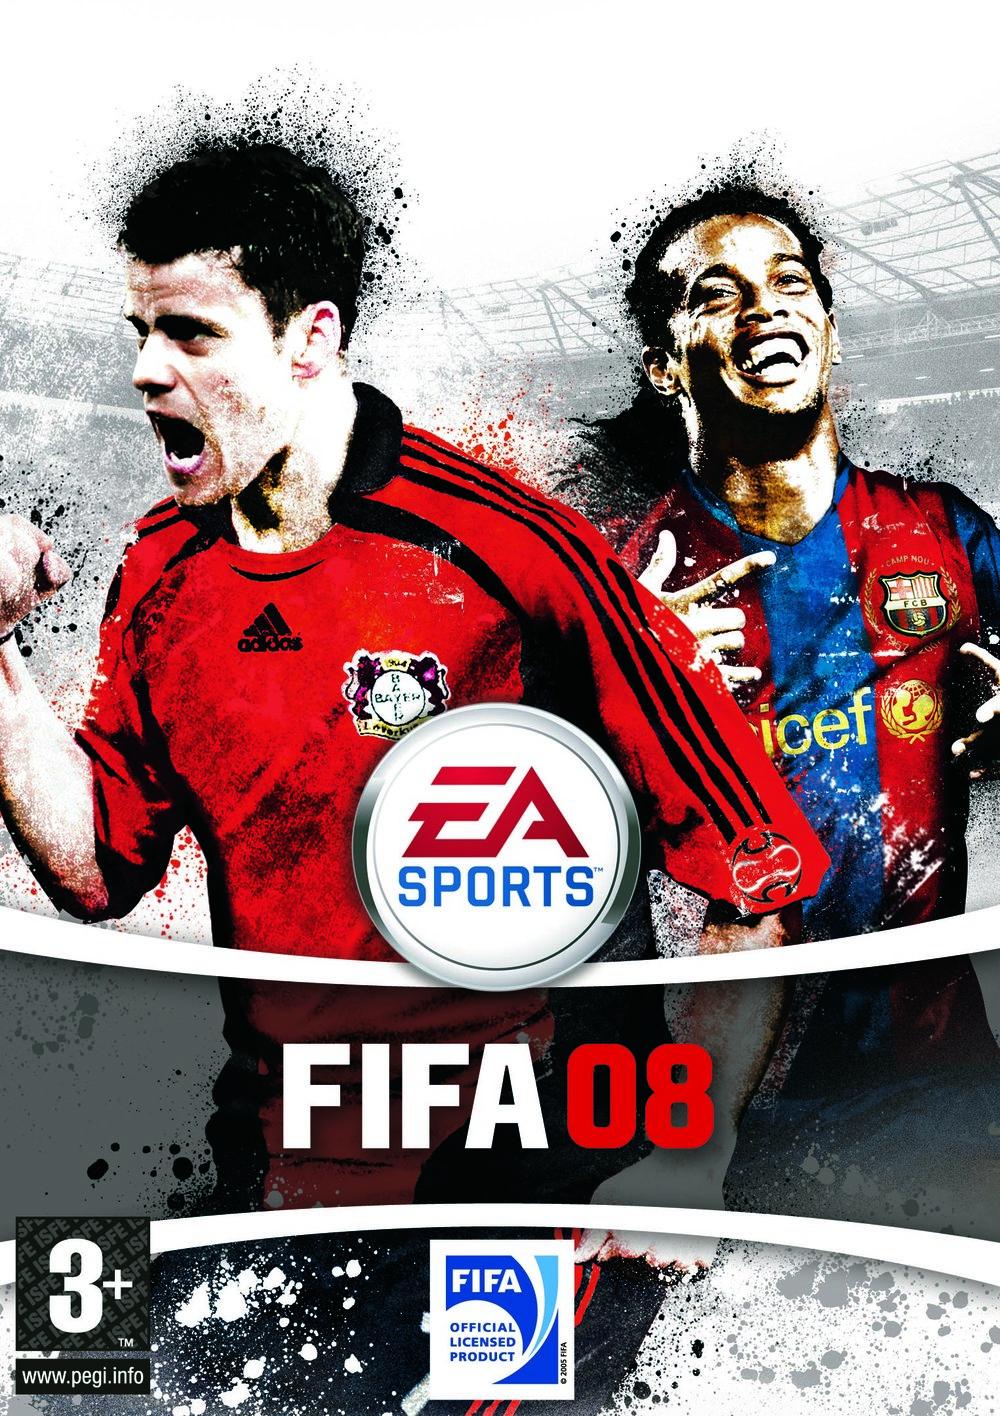 FIFA08genPFTswi.jpg